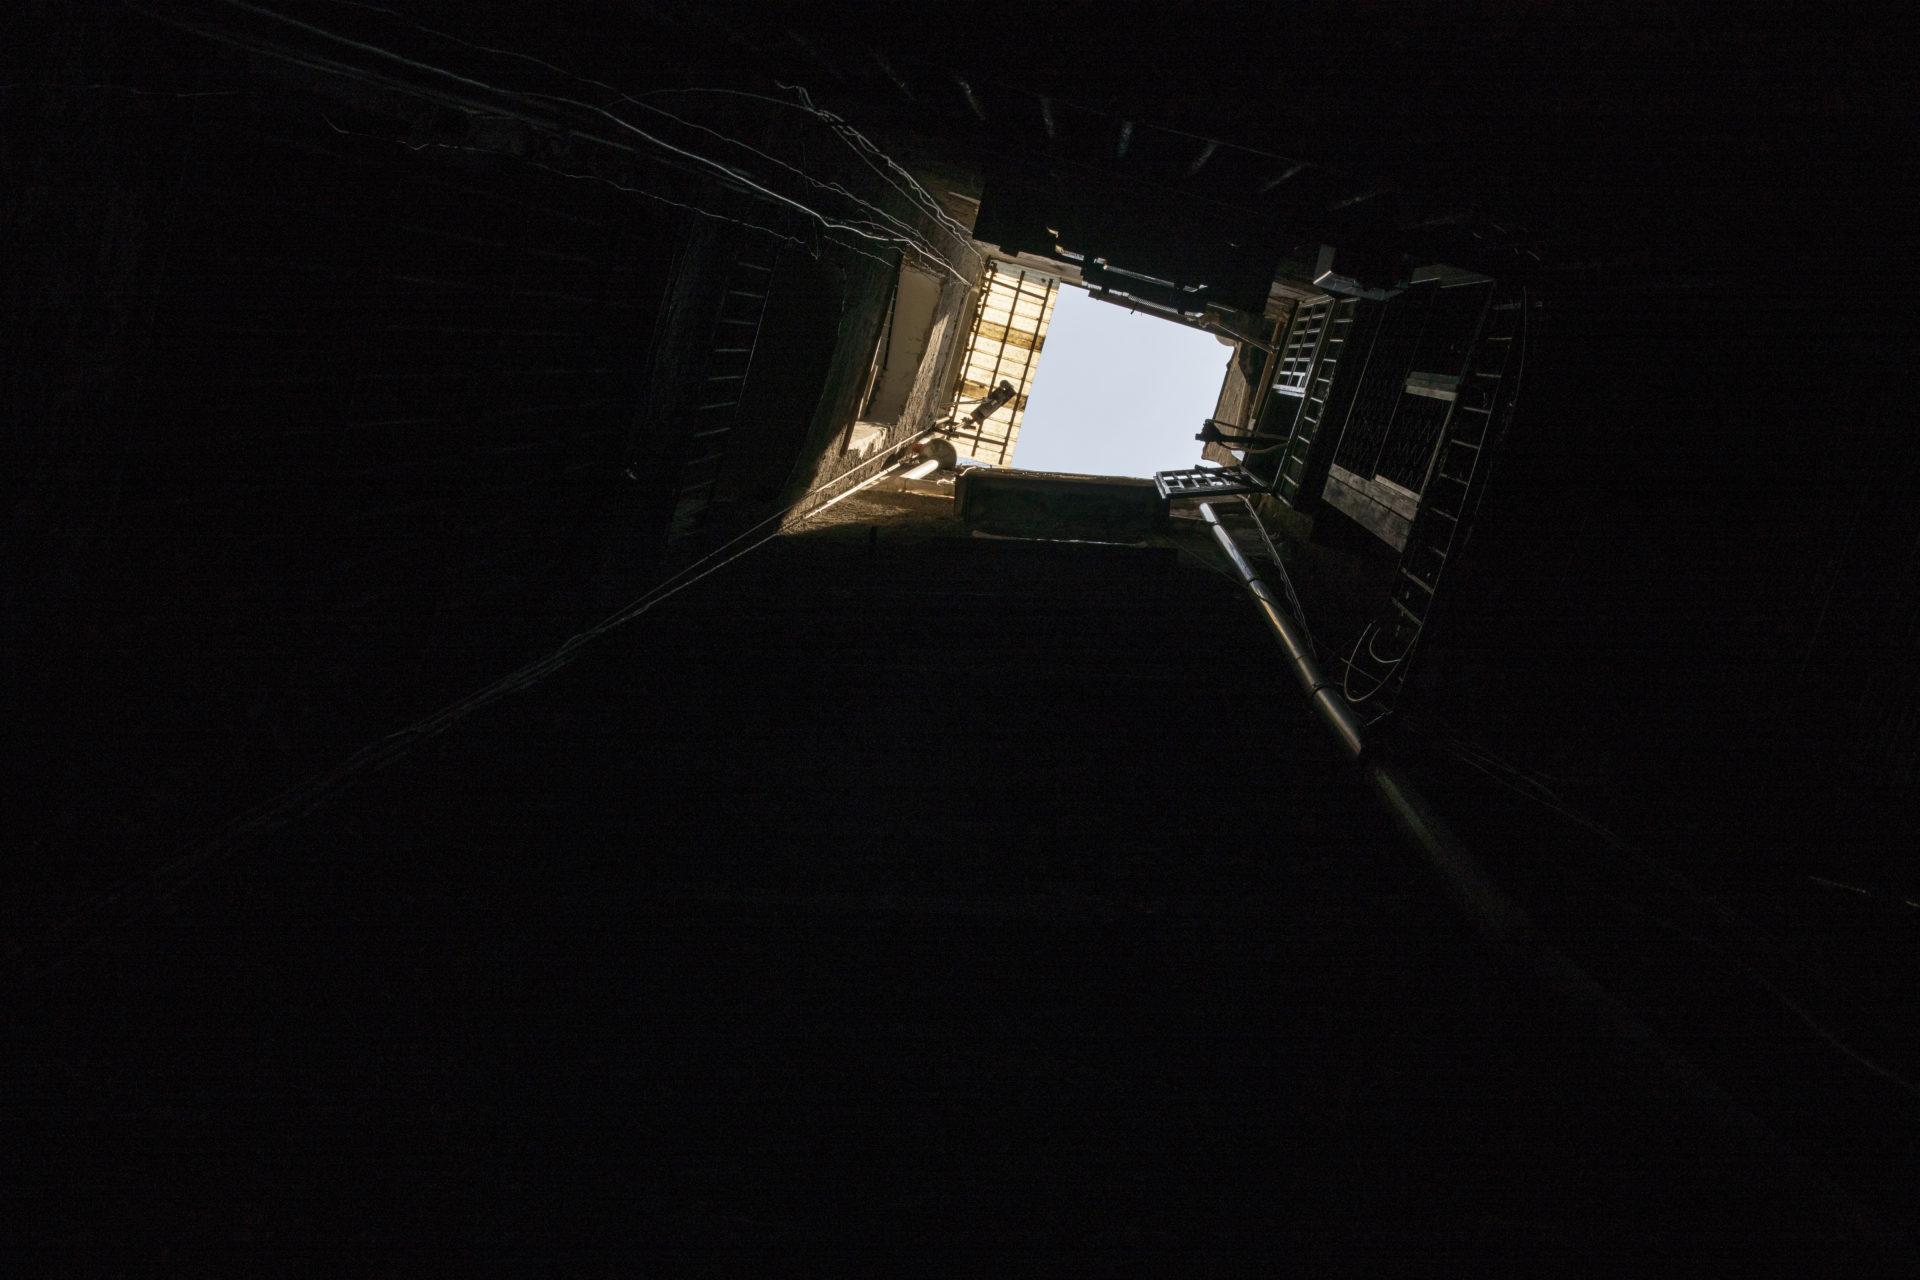 La luce in fondo al tunnel #706